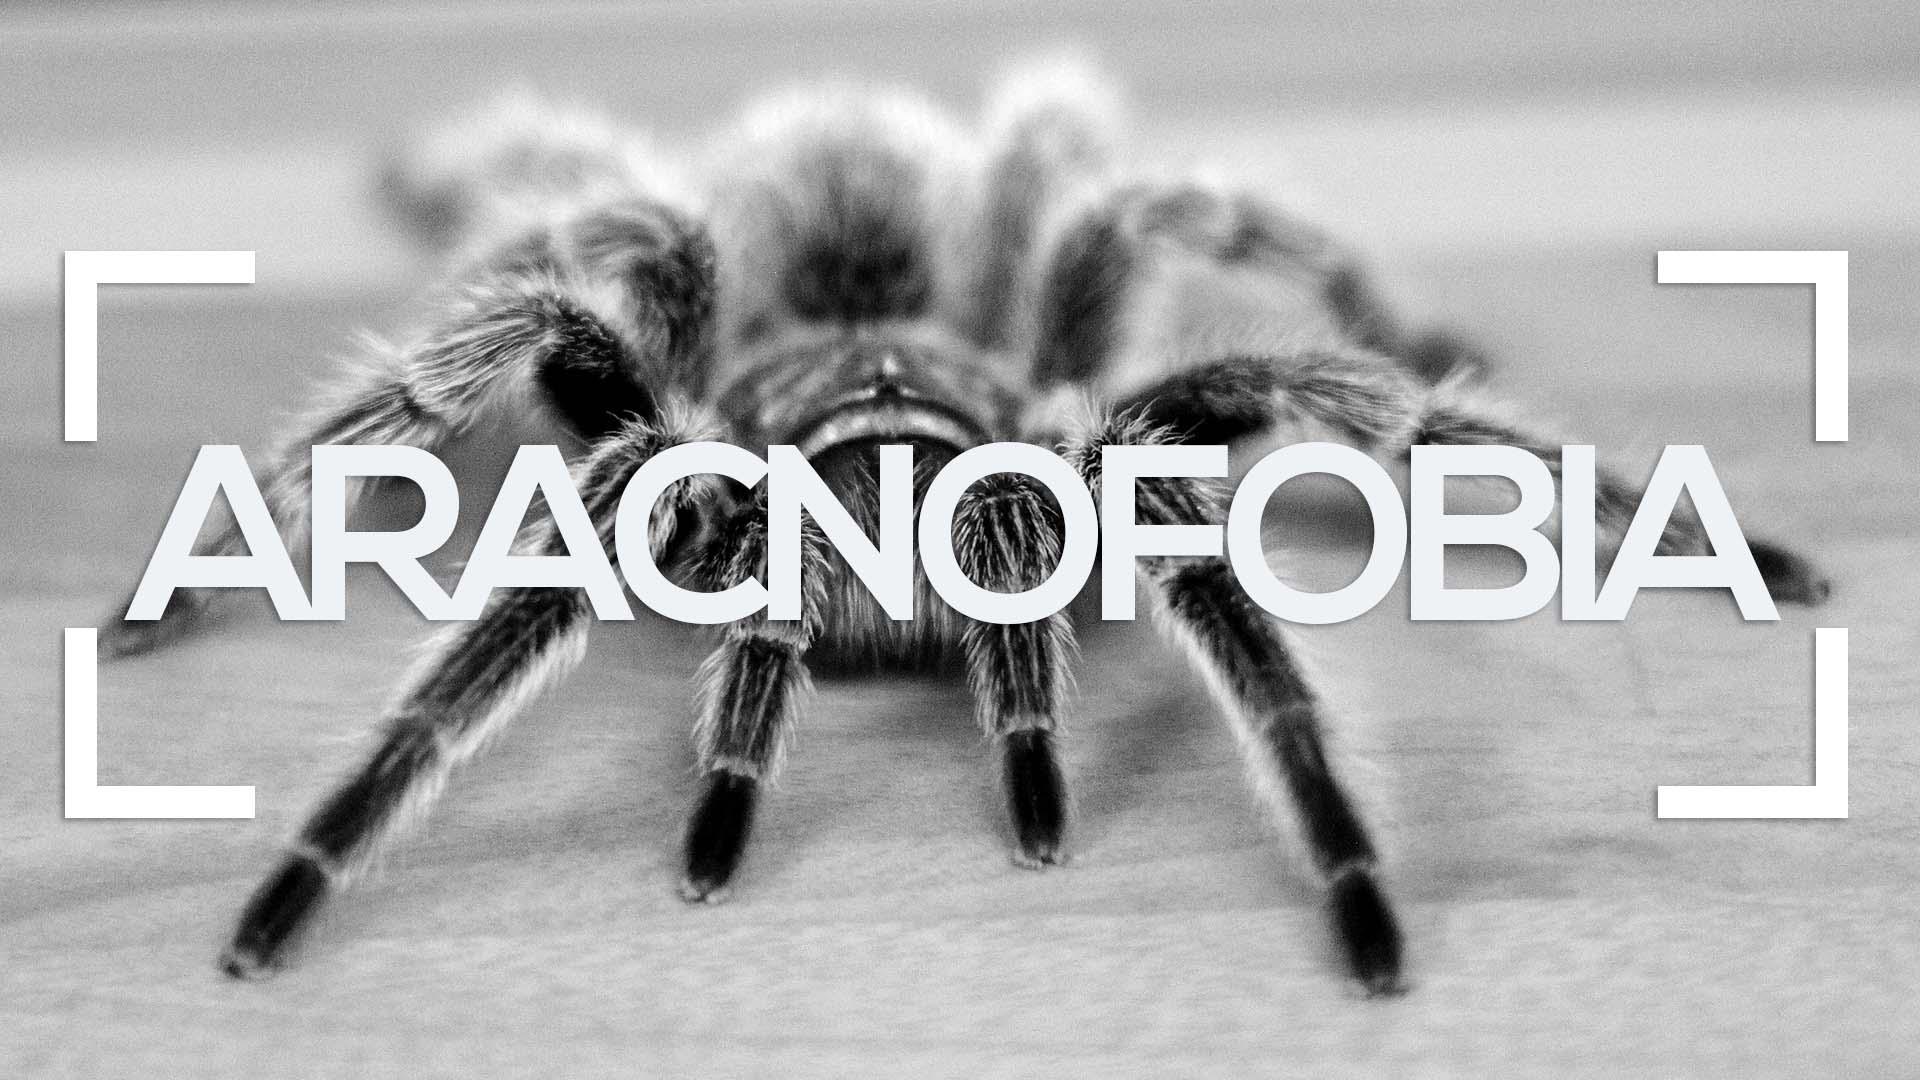 Se muestra una araña con la palabra Aracnofobia